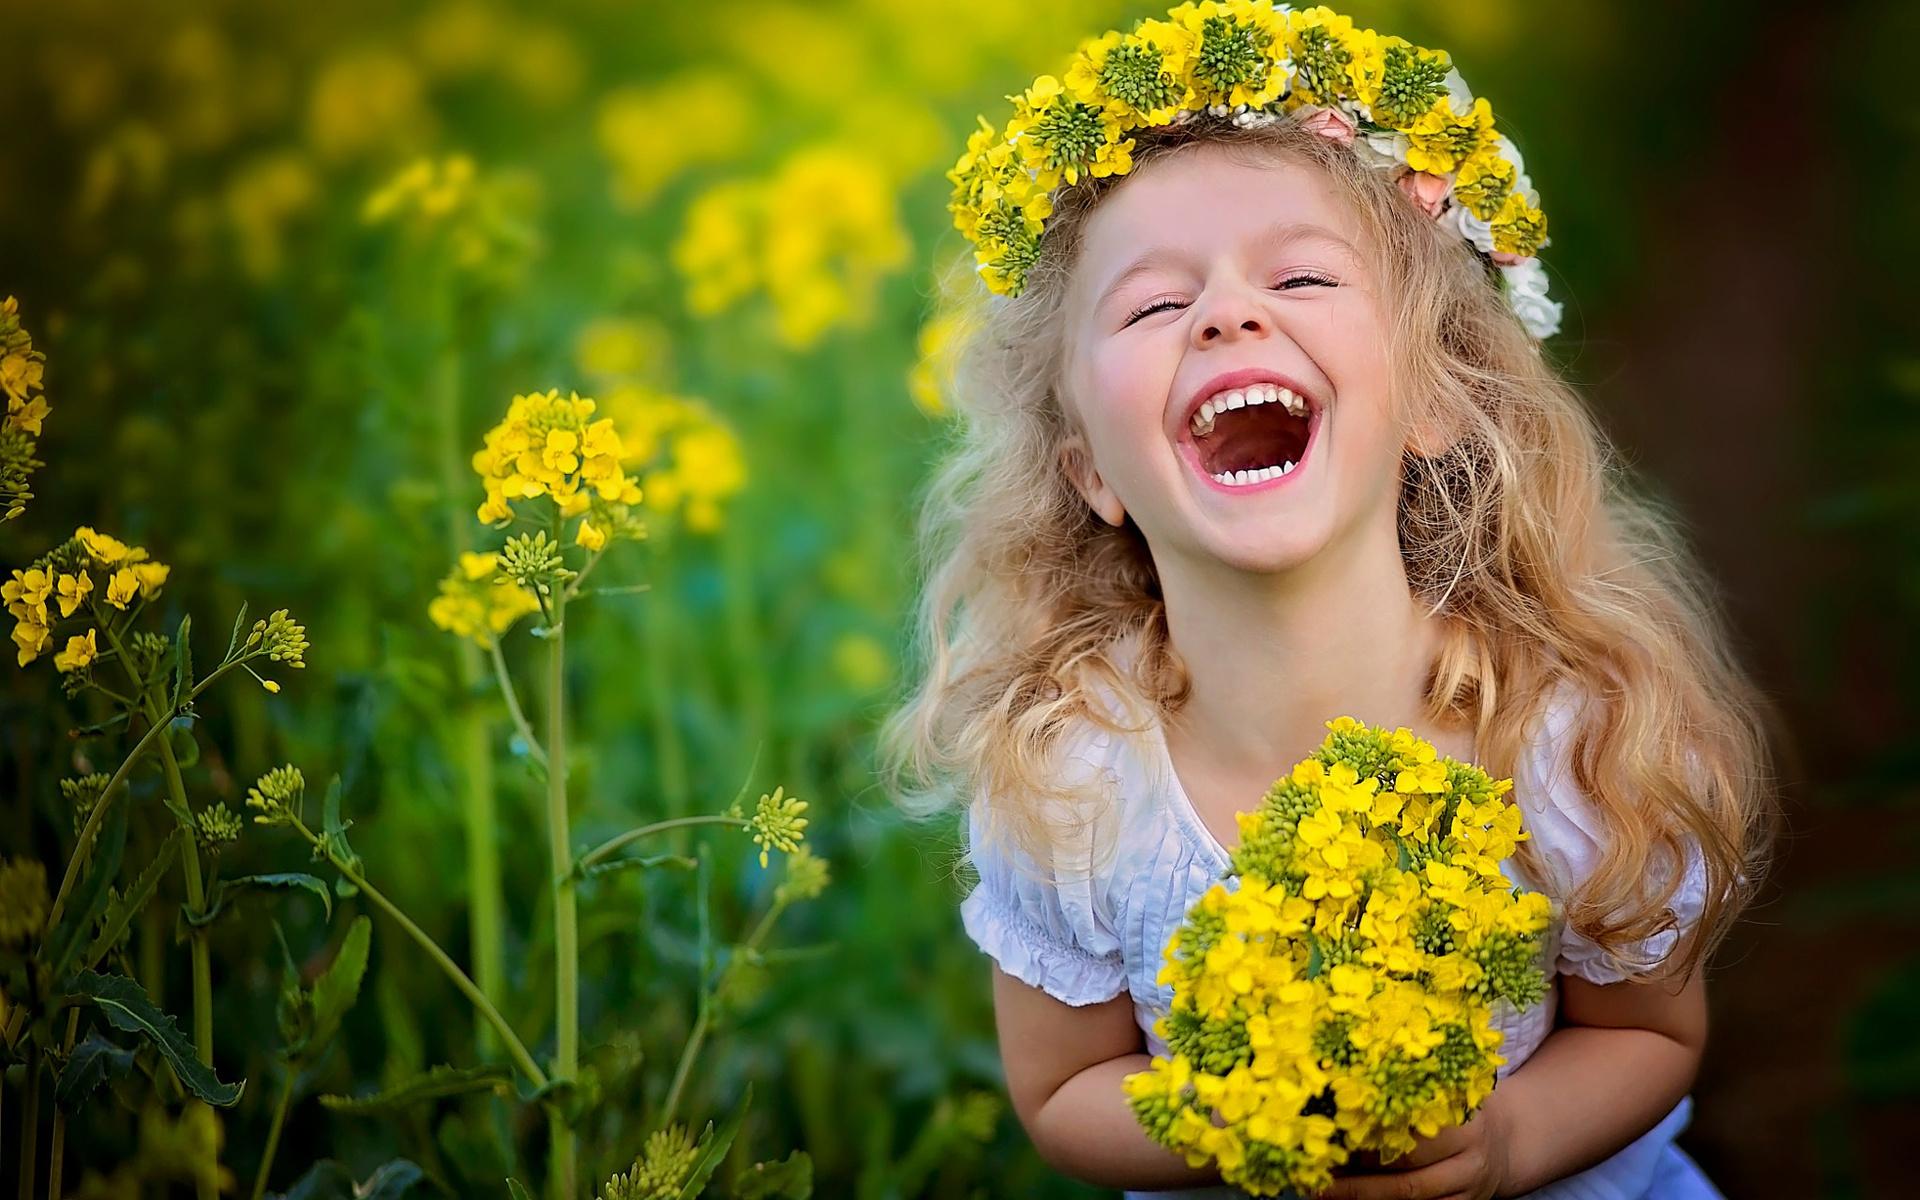 Открытка радостная эмоция